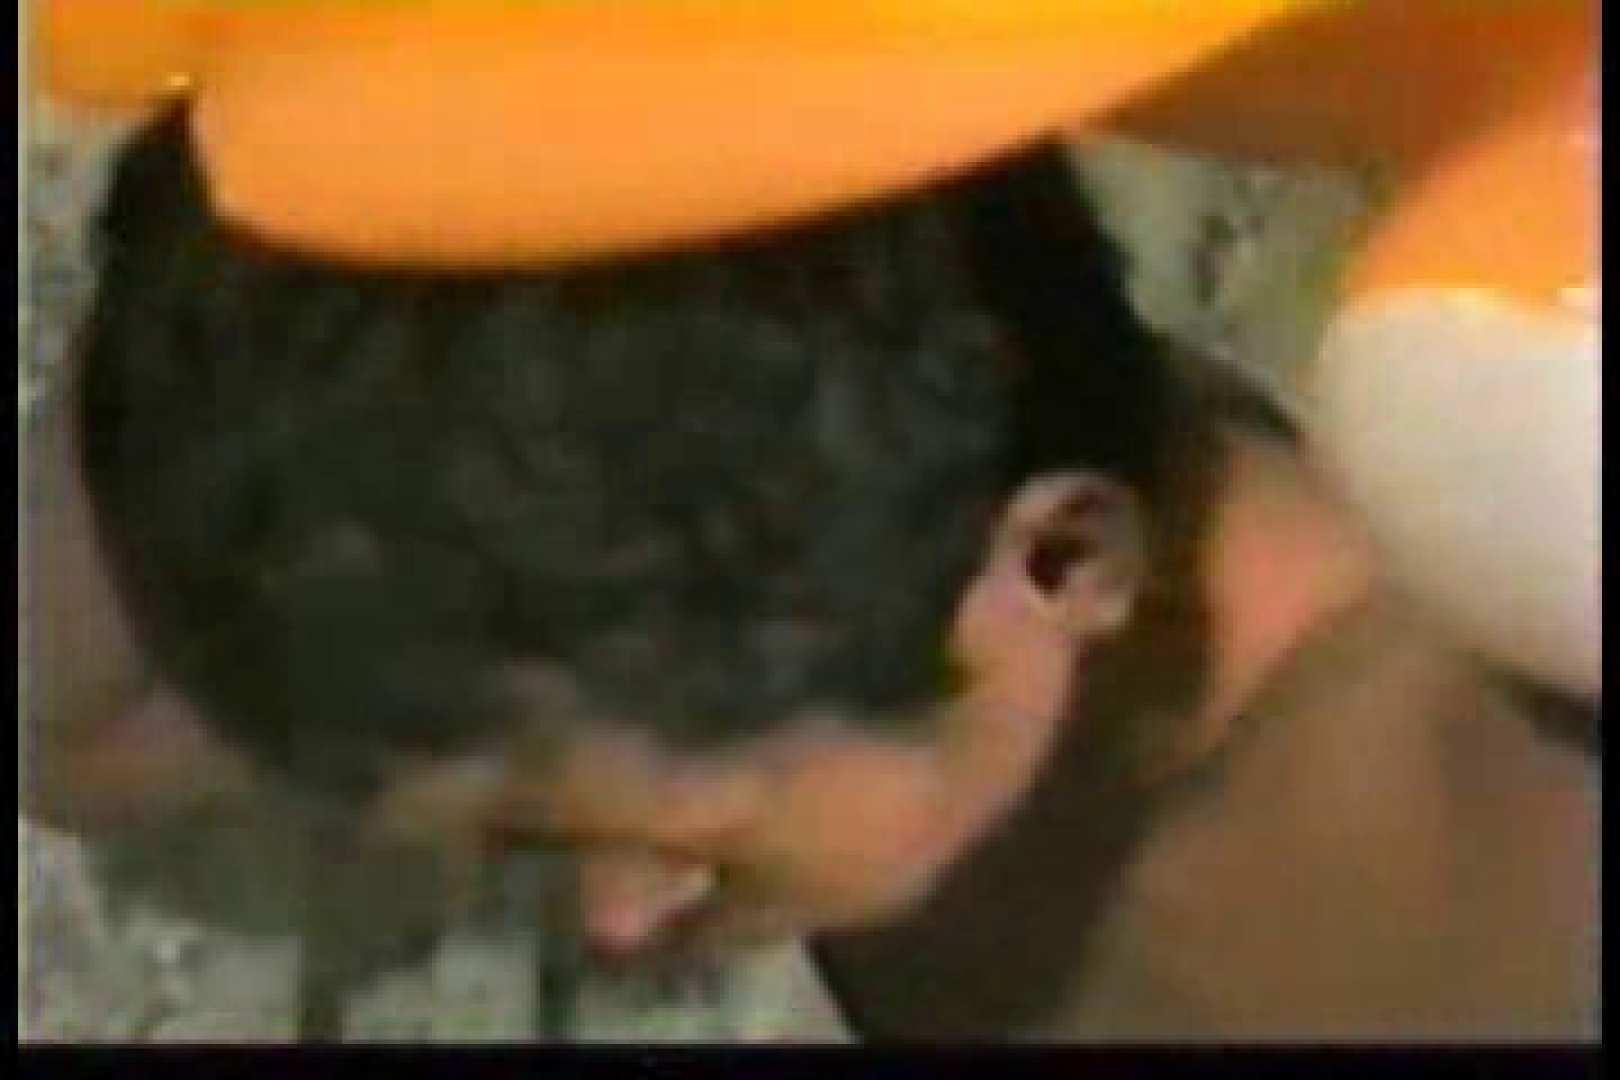 【自己製作販売ビデオ】オナニーフェラ挿入 おじさん  62pic 17